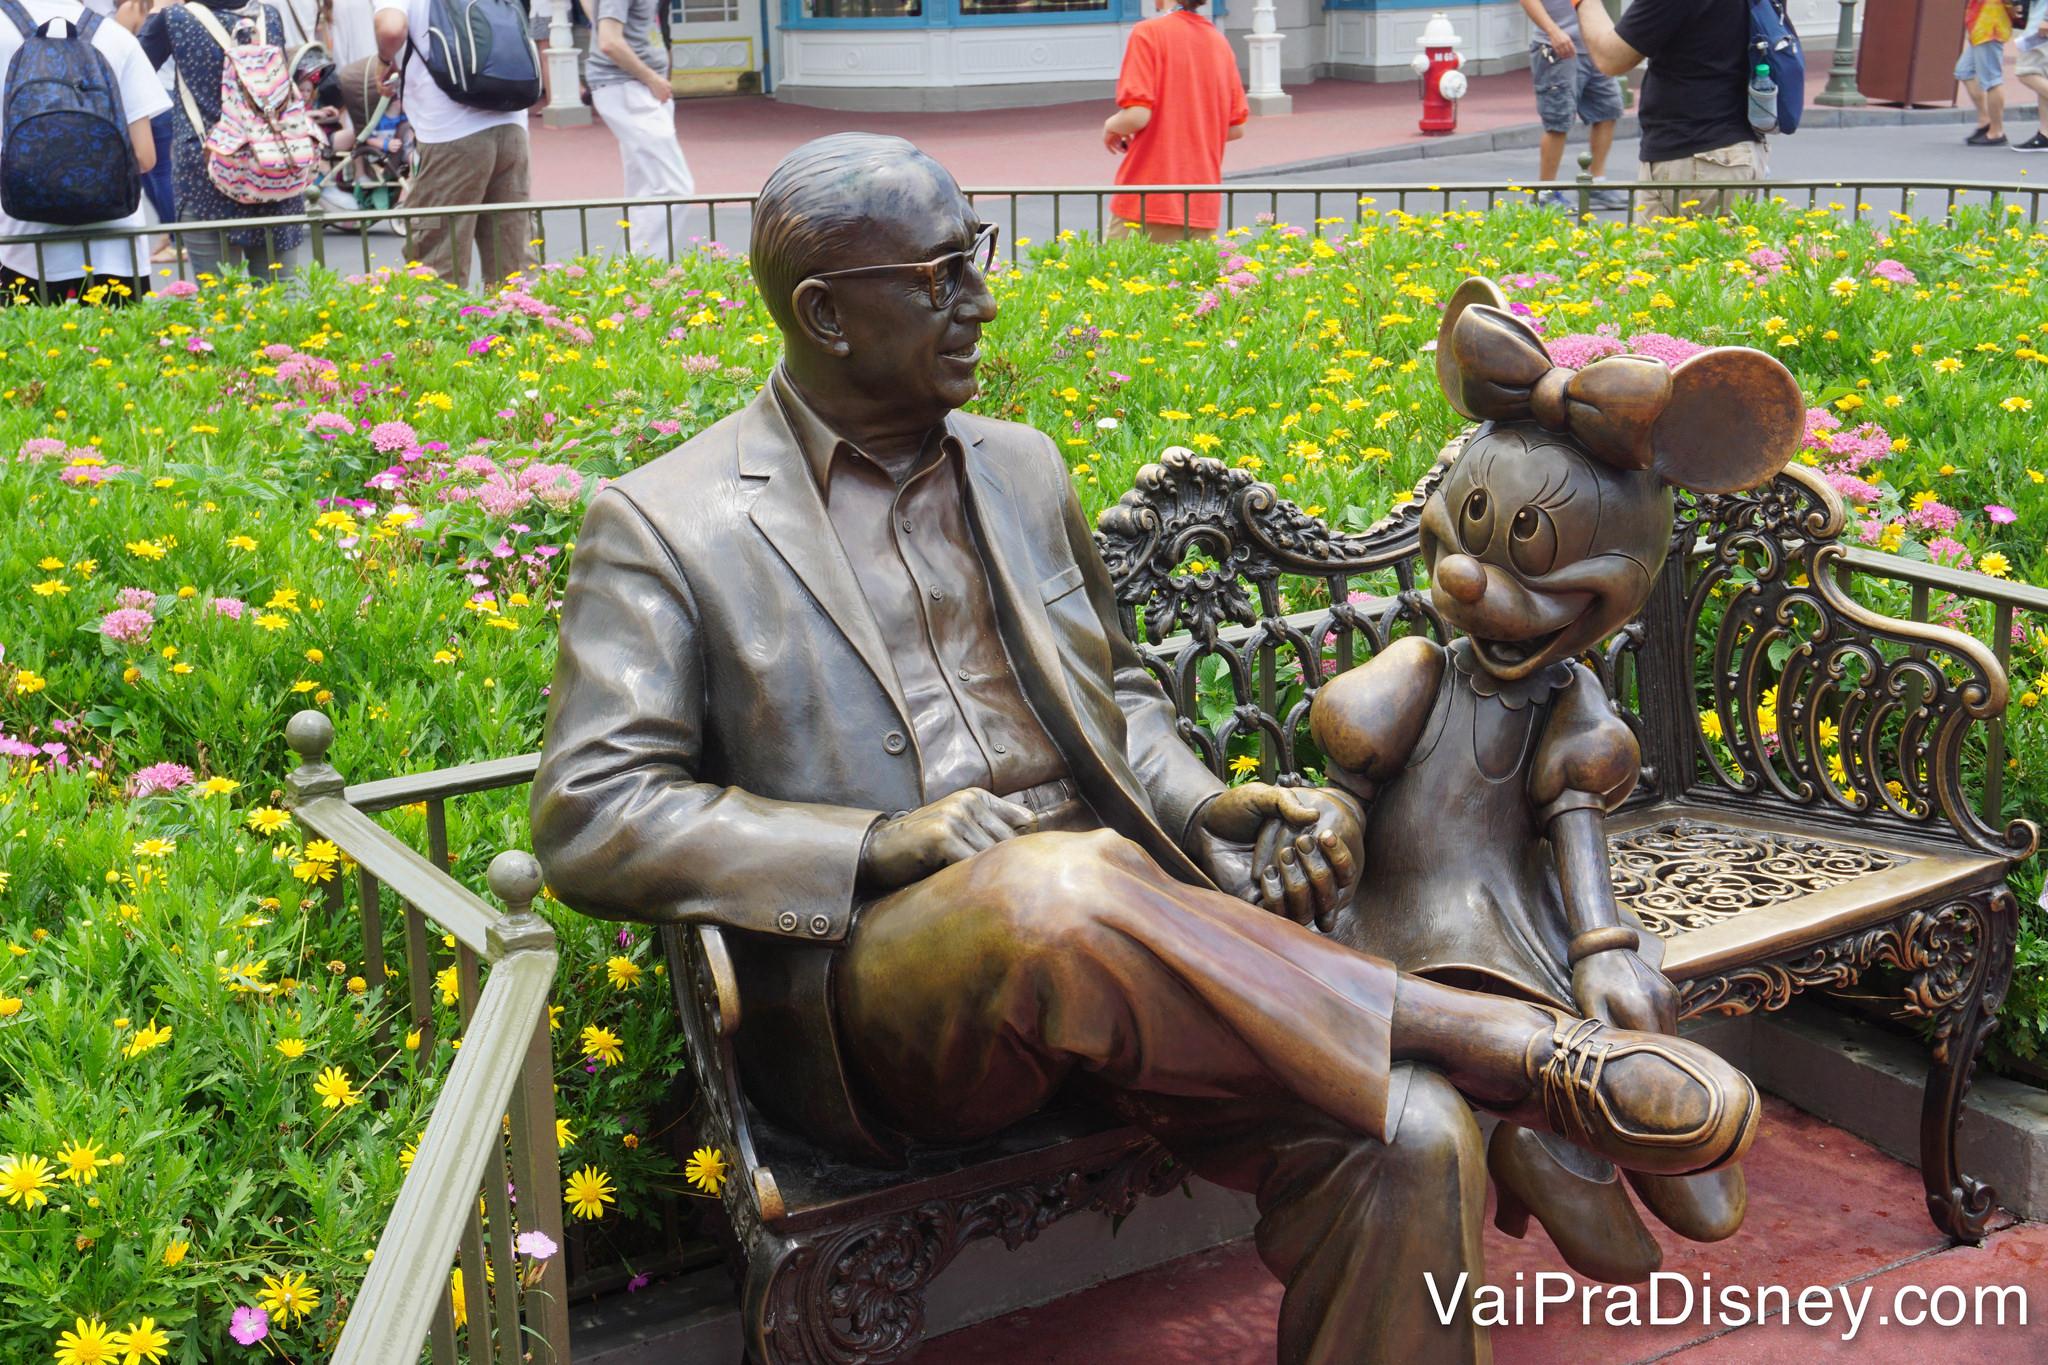 Não vou estragar o tour pra ninguém, mas é bem legal a história por trás dessas estátuas. Obs: para quem não sabe, esse é o Roy Disney!